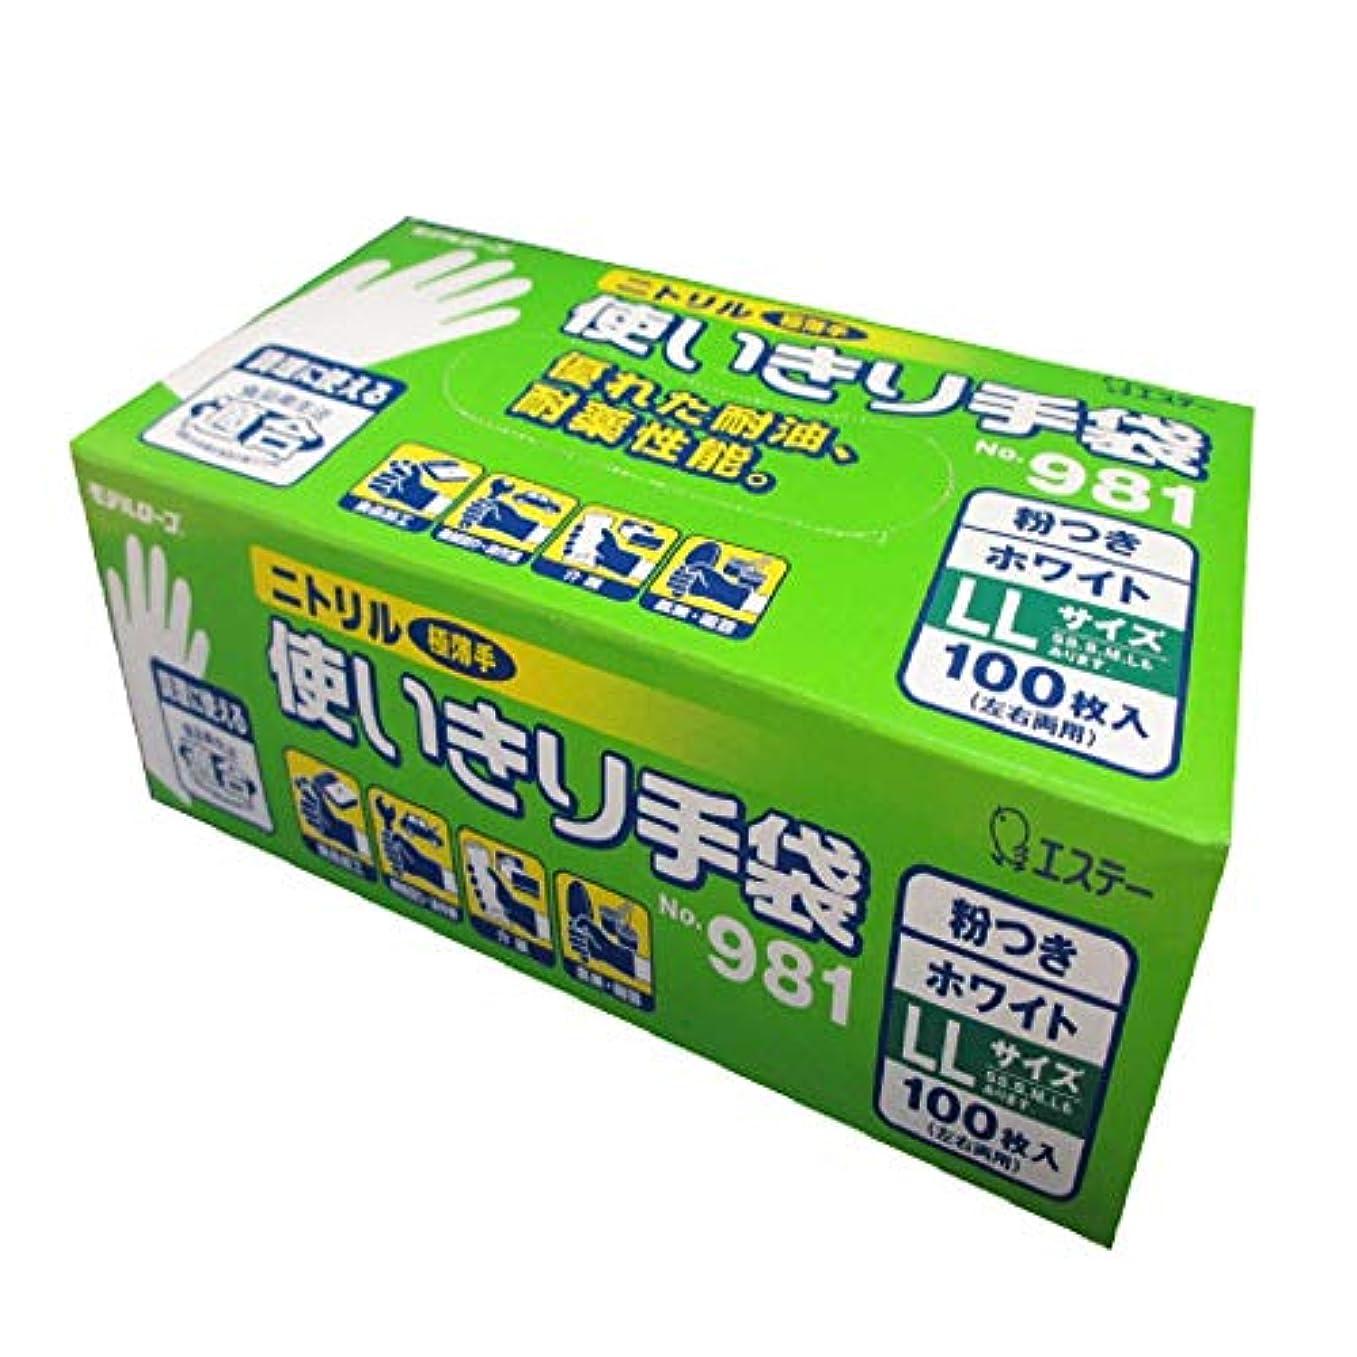 受動的厚いかわいらしいモデルローブNo981ニトリル使いきり手袋粉つき100枚ホワイトLL